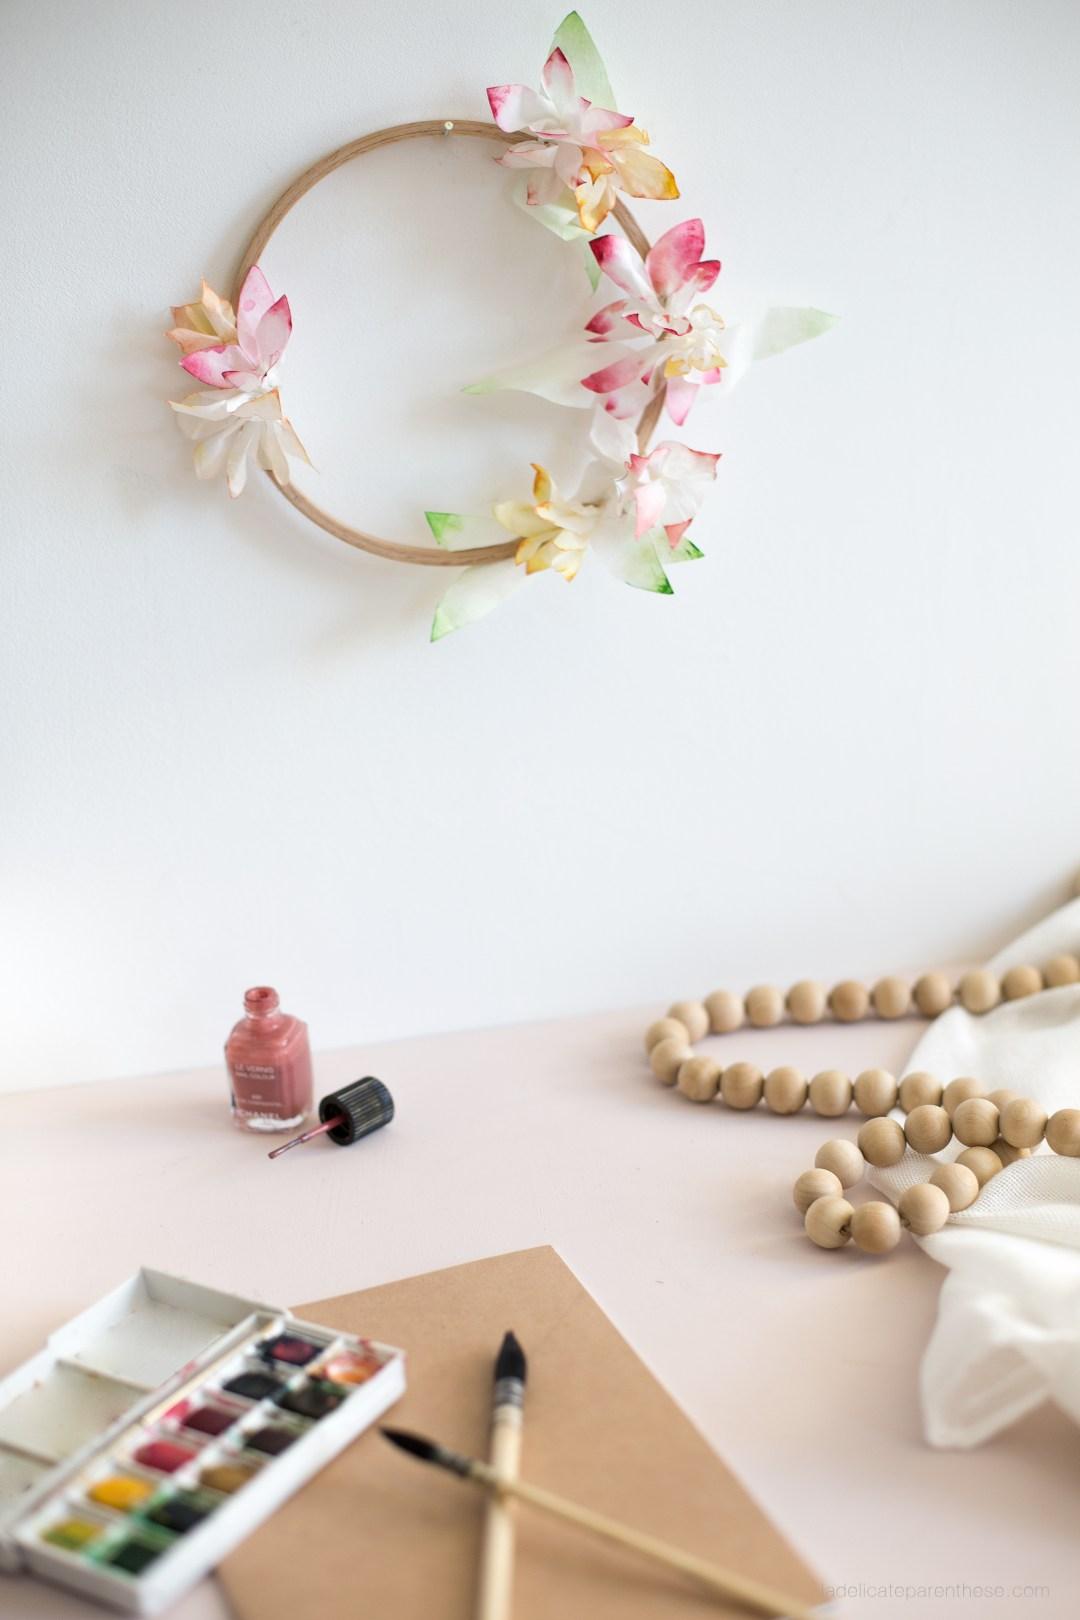 Création couronne de fleur en papier esprit vaiana disney tahiti